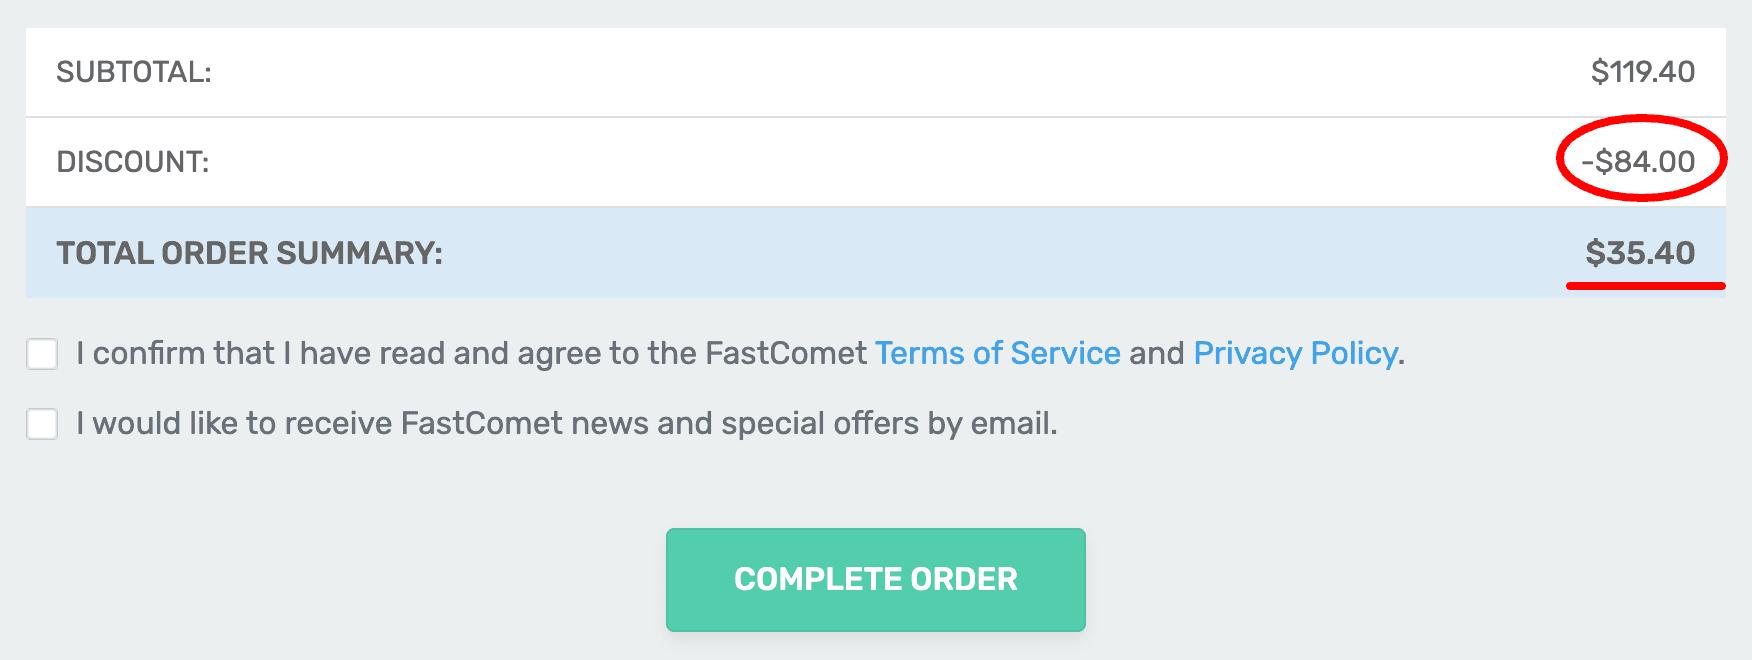 FastComet Discount